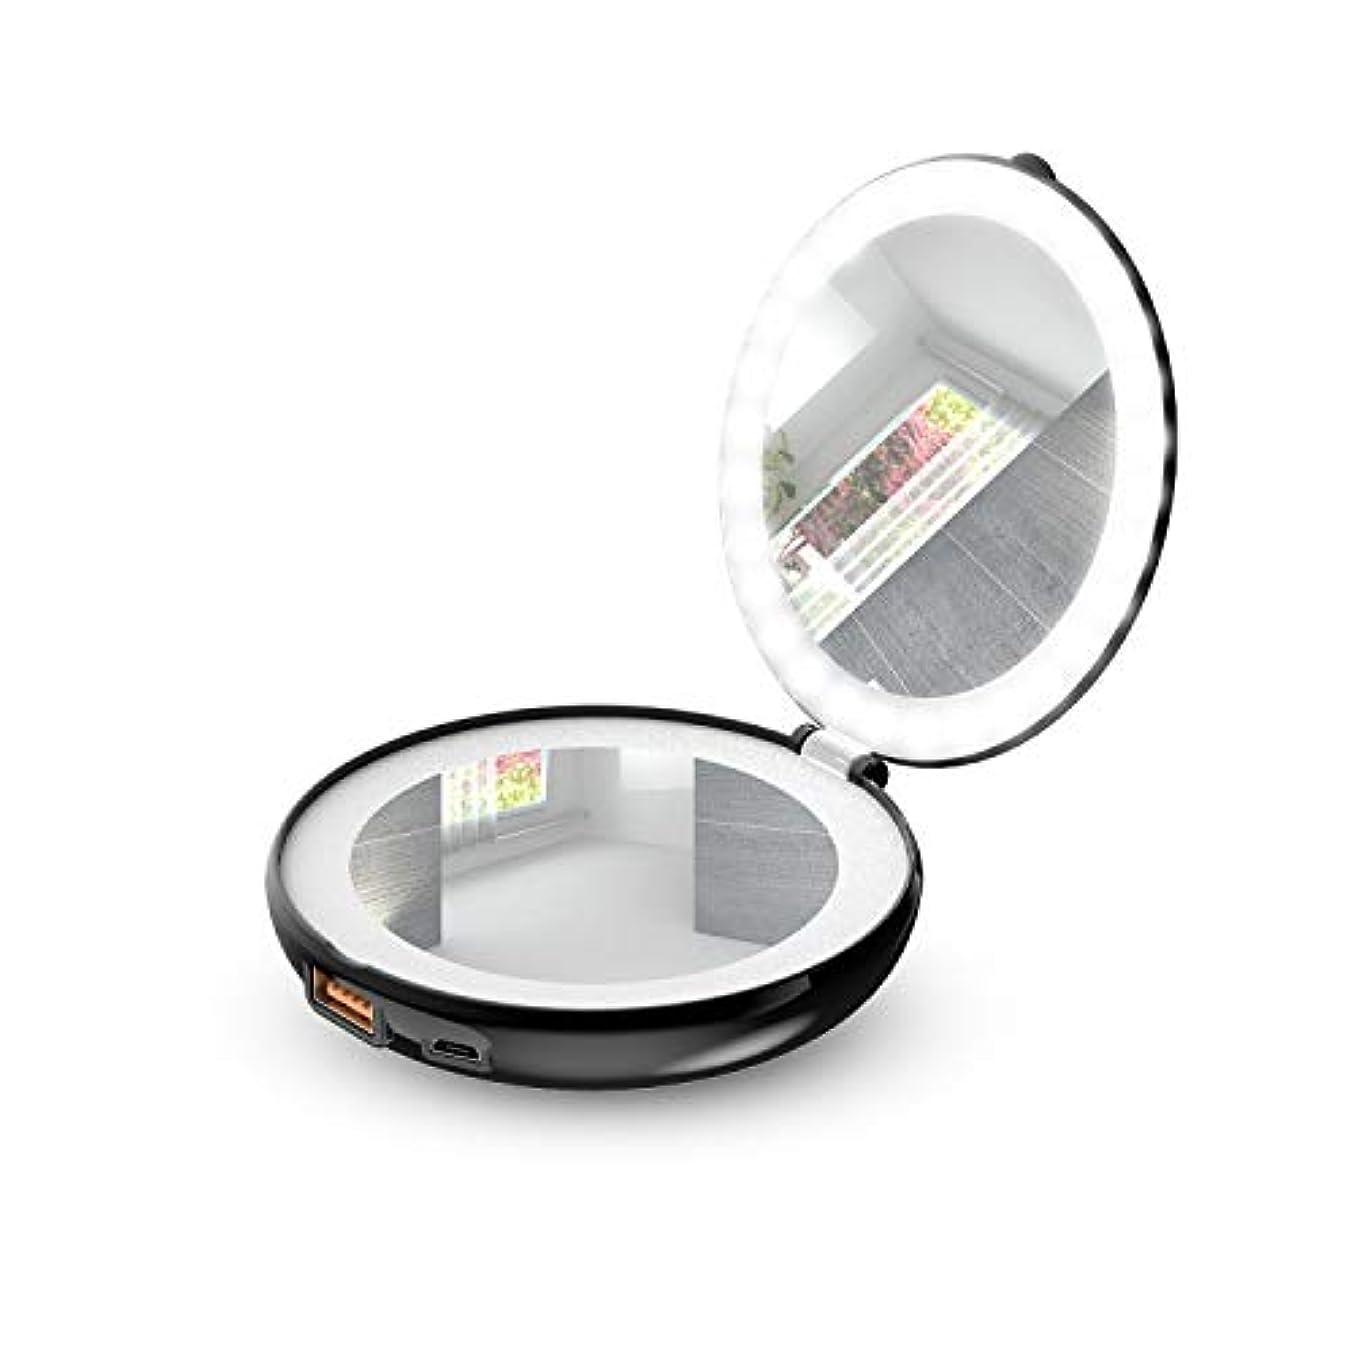 迷信素子儀式手鏡 折り畳み式化粧鏡 メイクアップミラー LEDライト&モバイルバッテリー付き (ブラック)